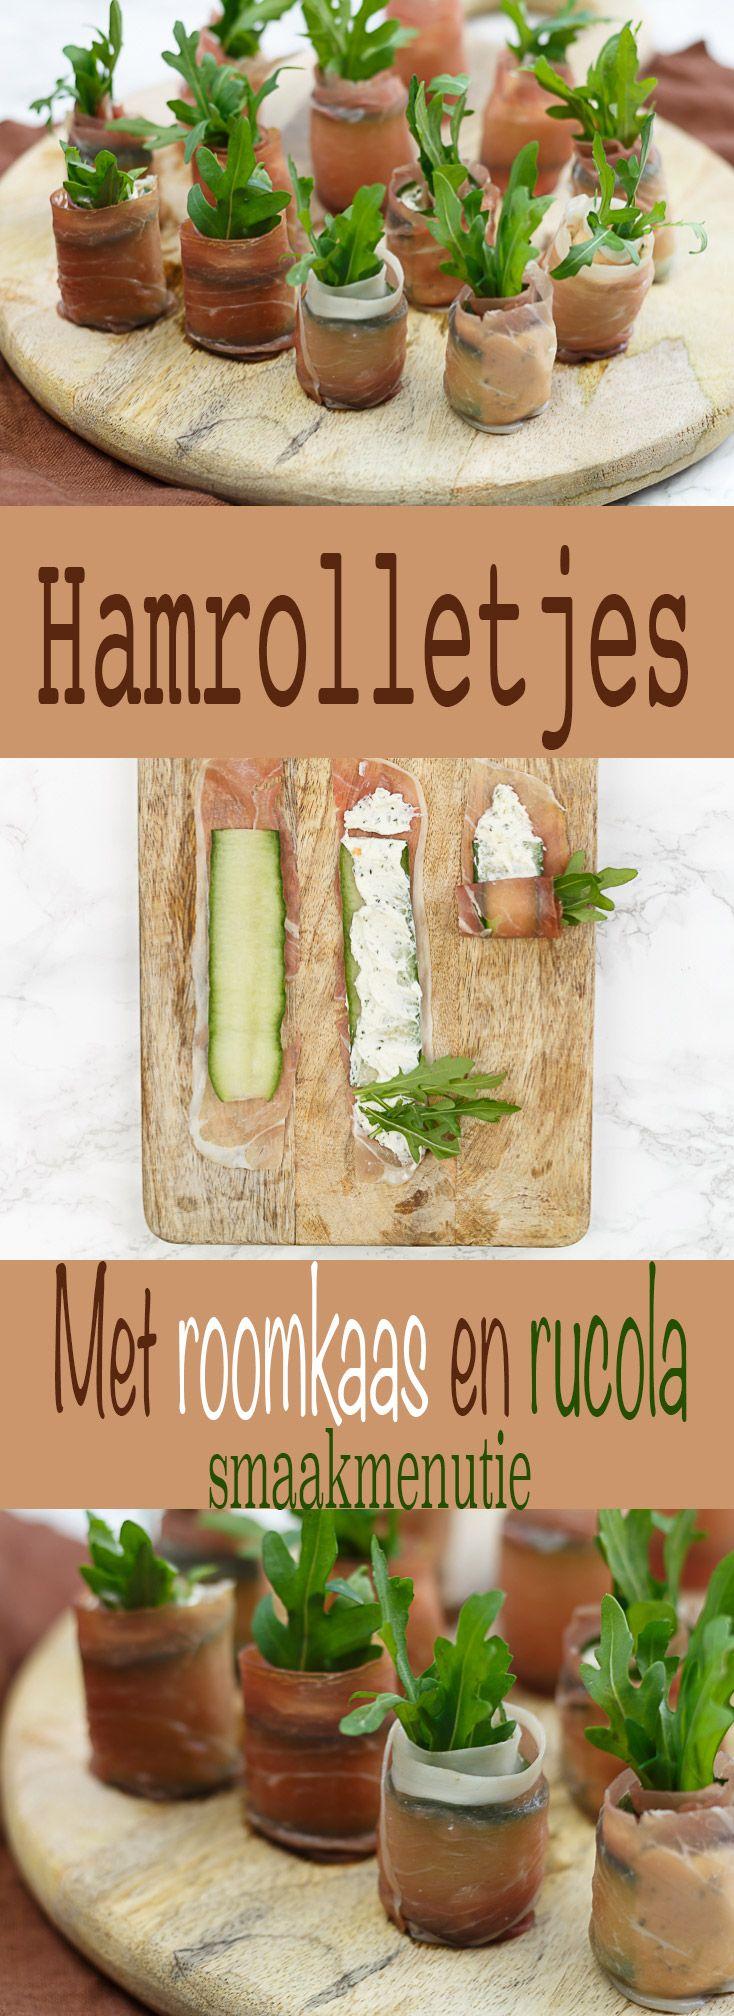 Hamrolletjes met roomkaas en rucola #recept #recipe #borrelhapjes